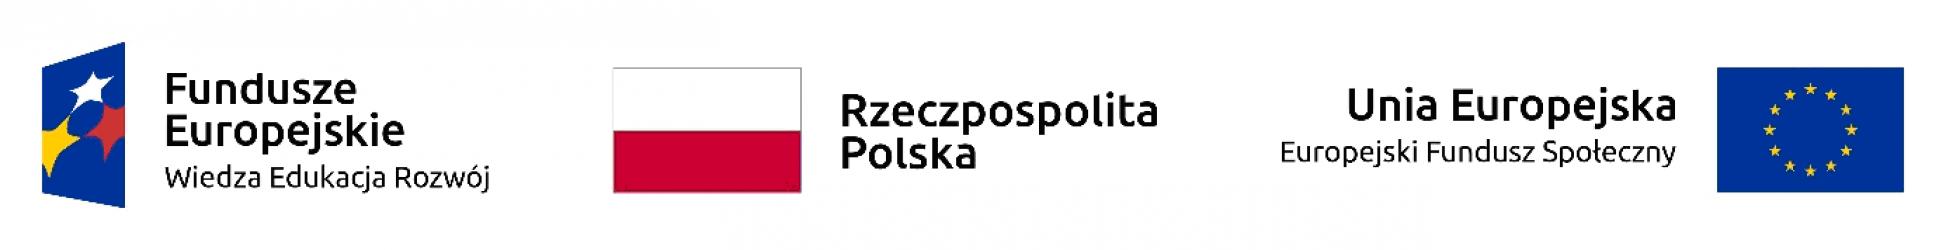 Przygoda z przyrodą – Wielkopolski Park Narodowy laboratorium badawczym Młodego Odkrywcy